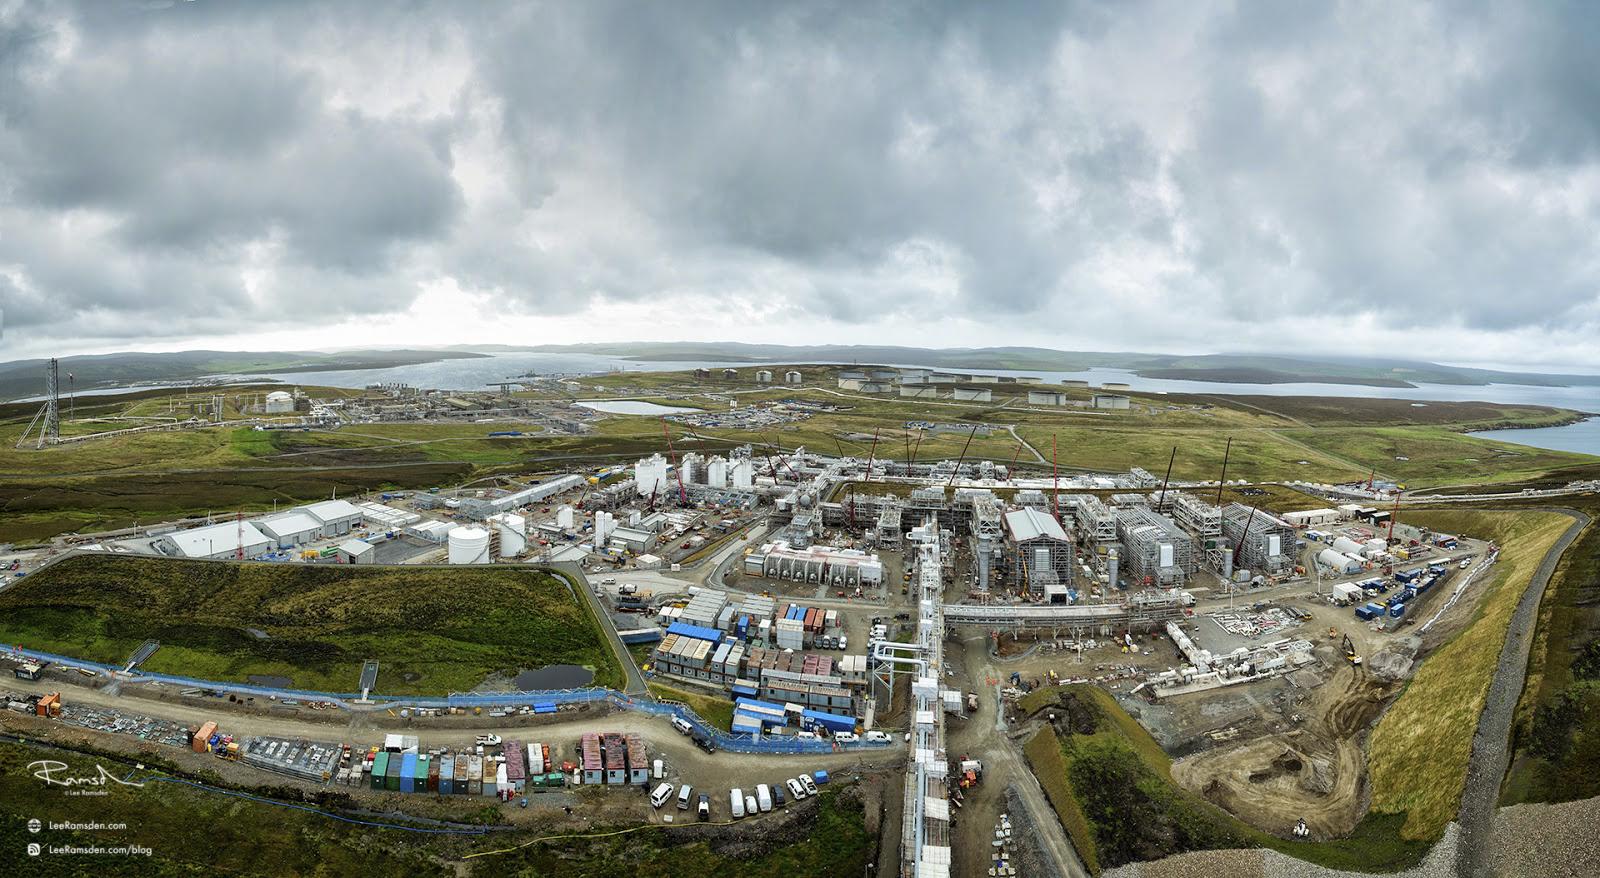 Shetland gas plant construction Sullom Voe Total Petrofac contractor laggan tormore